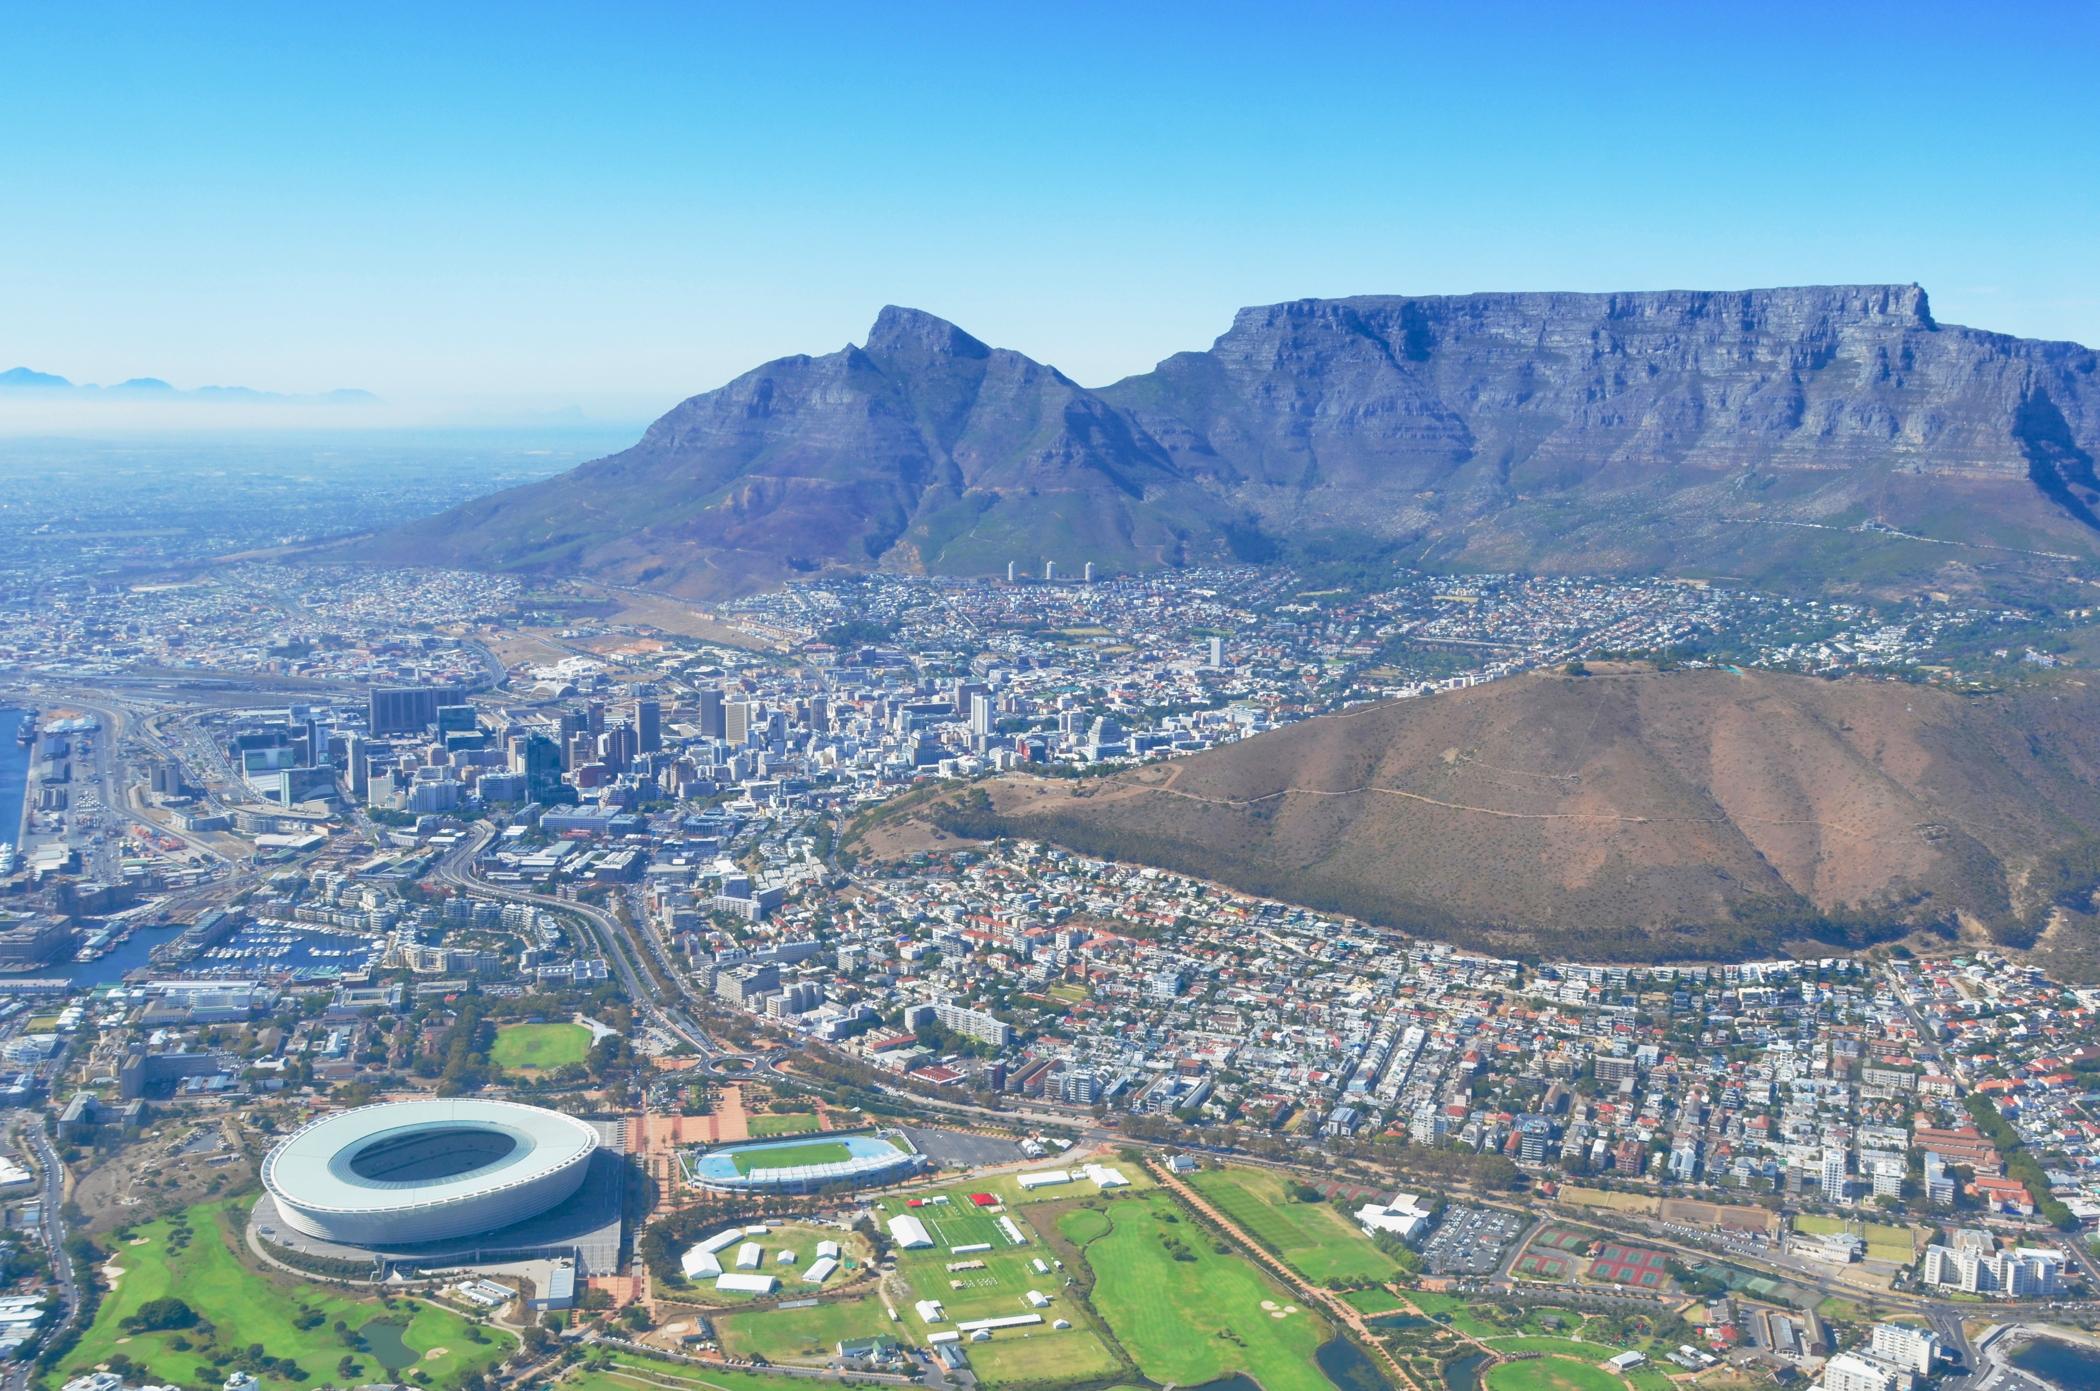 Ein Highlight jedes Südafrika Roadtrip ist Kapstadt